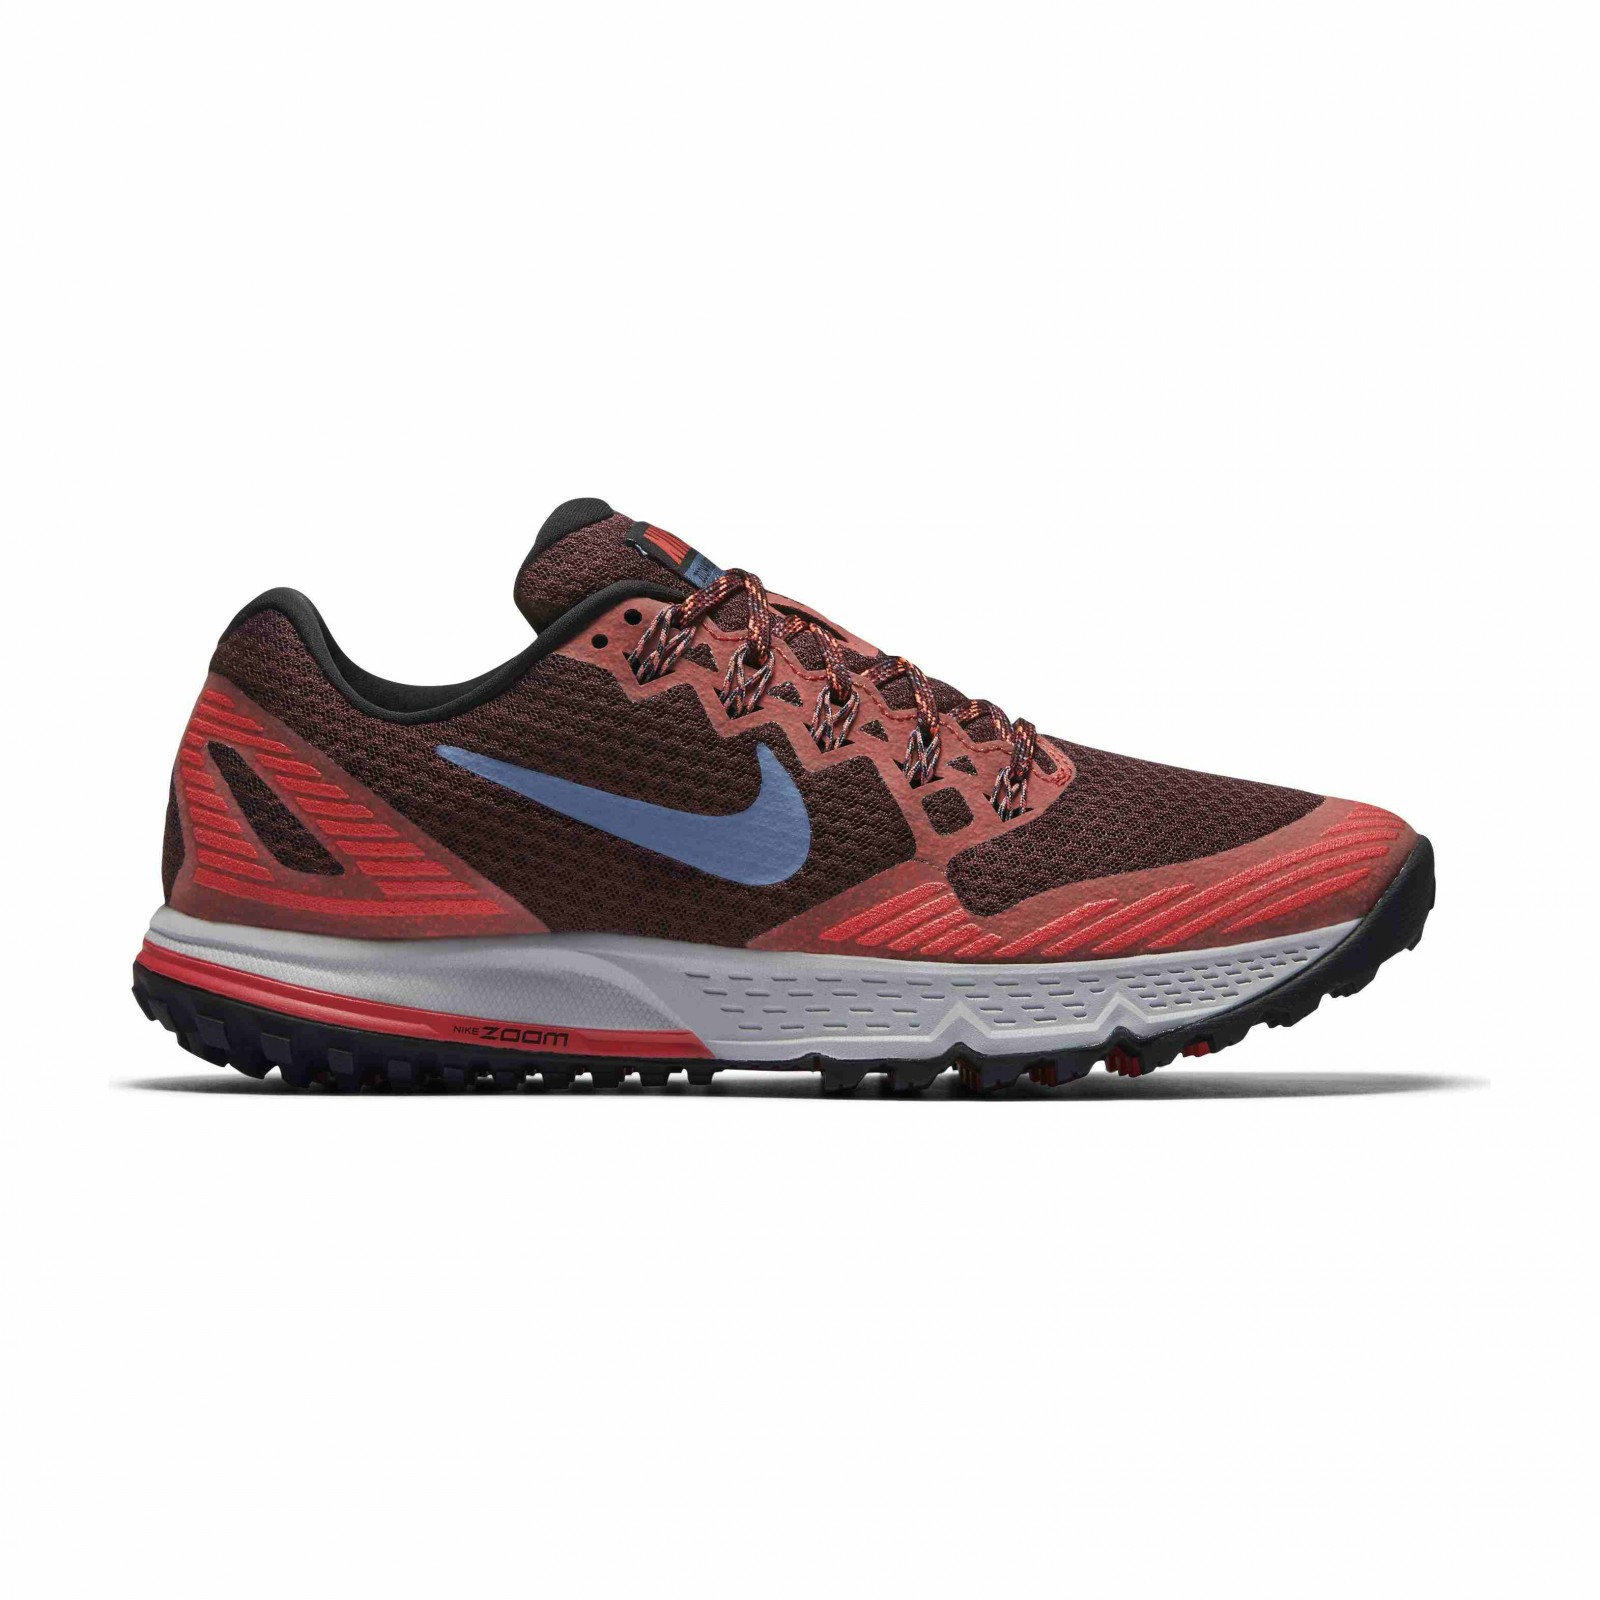 Pánské běžecké boty Nike AIR ZOOM WILDHORSE 3  1e01df6a9e